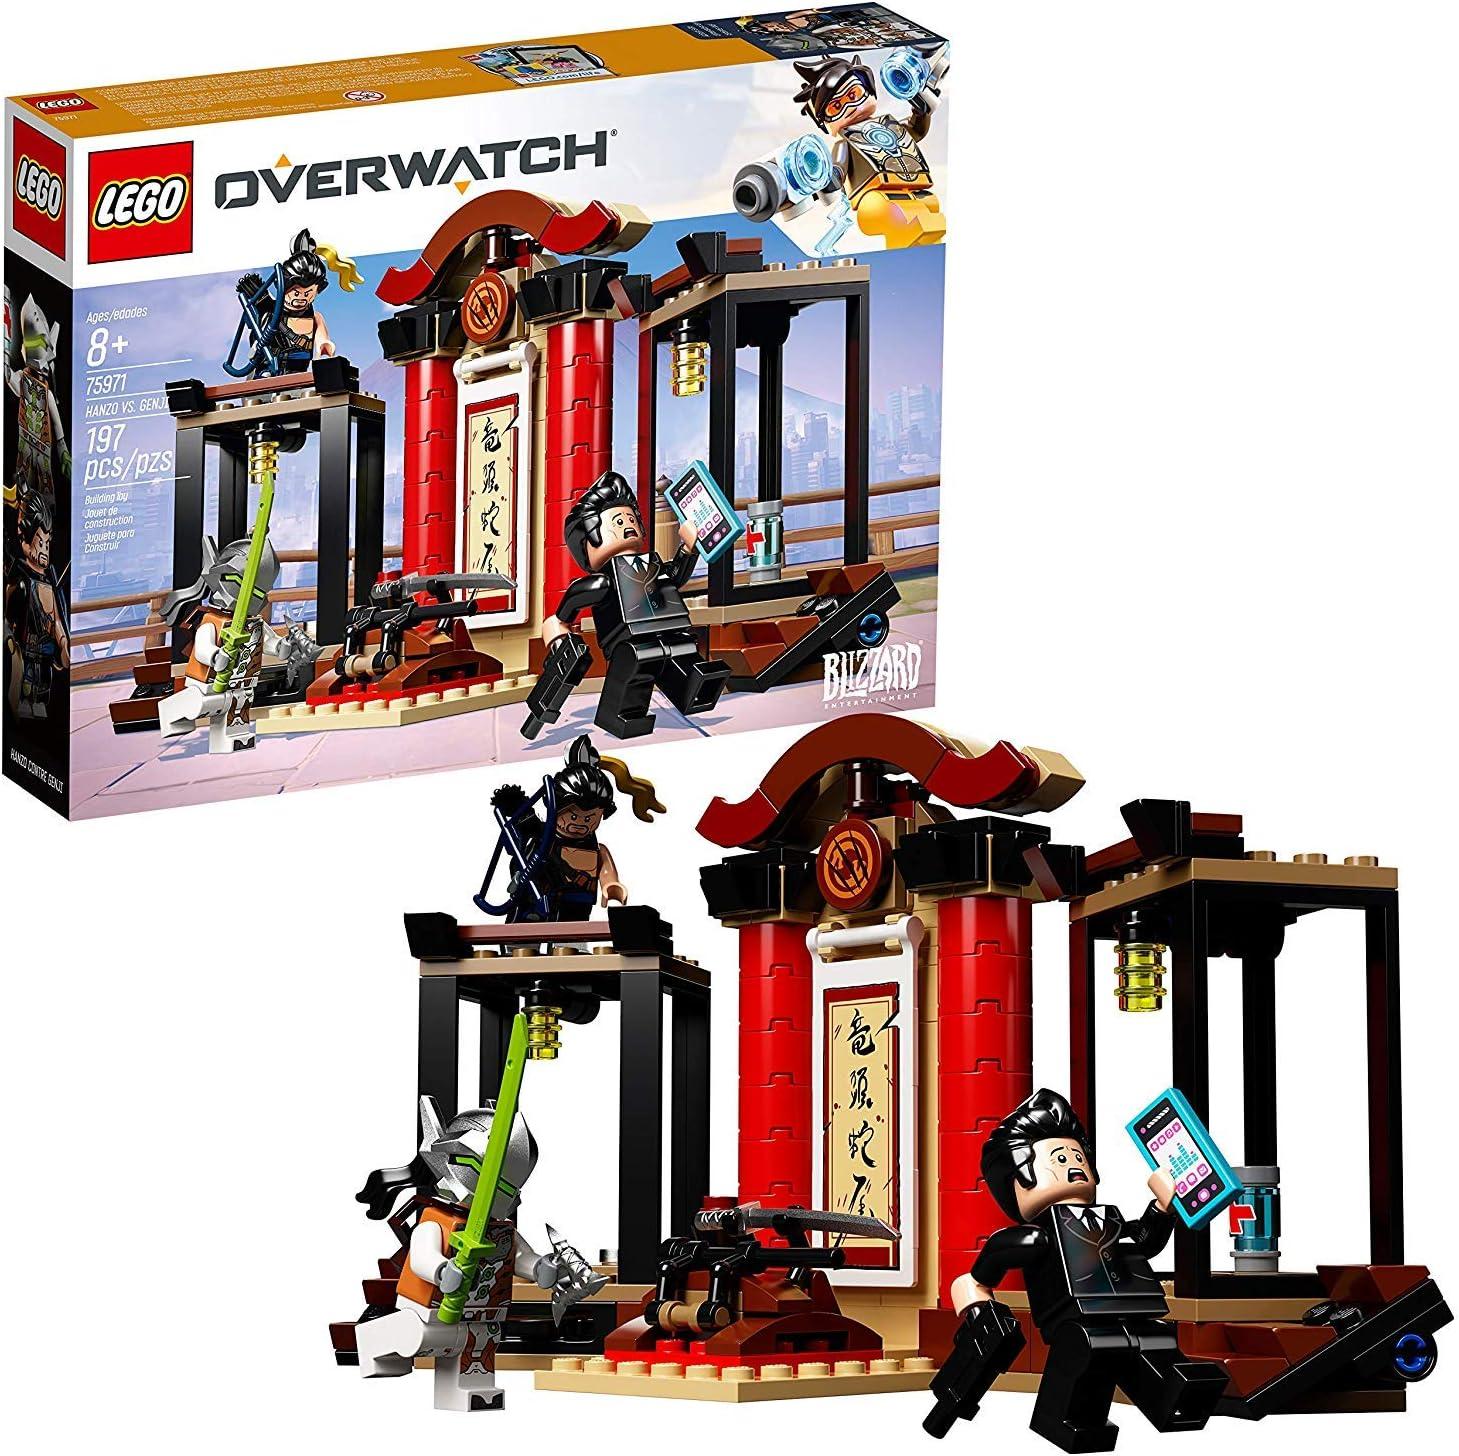 レゴ (LEGO) オーバーウォッチ ハンゾー対ゲンジ 75971